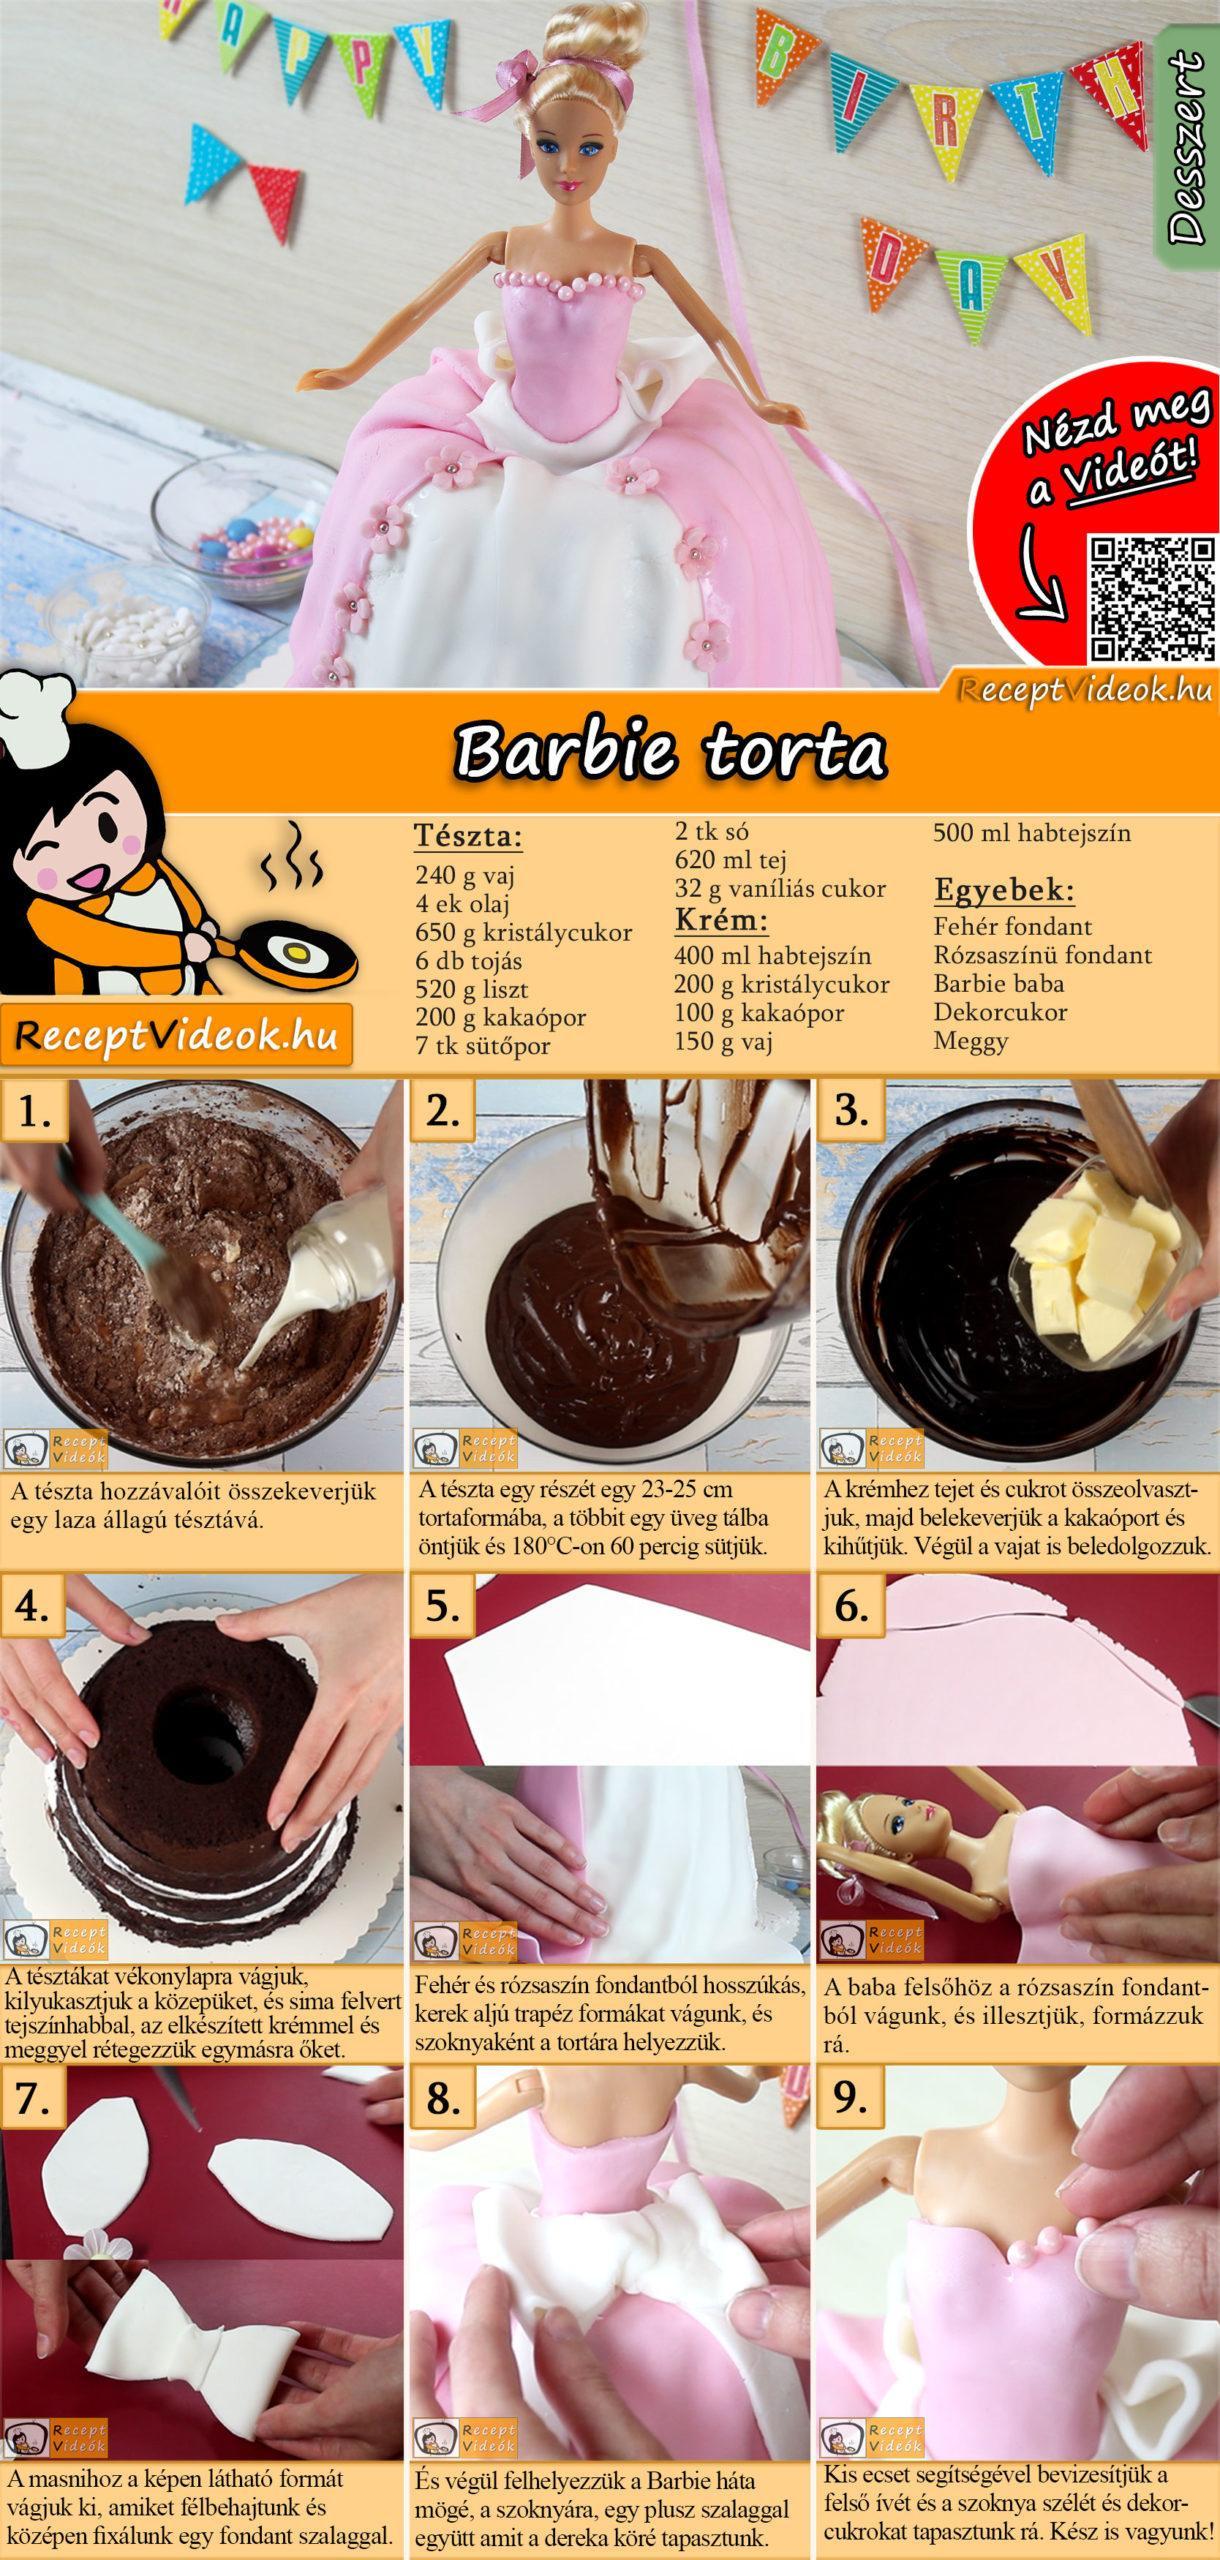 Barbie torta recept elkészítése videóval